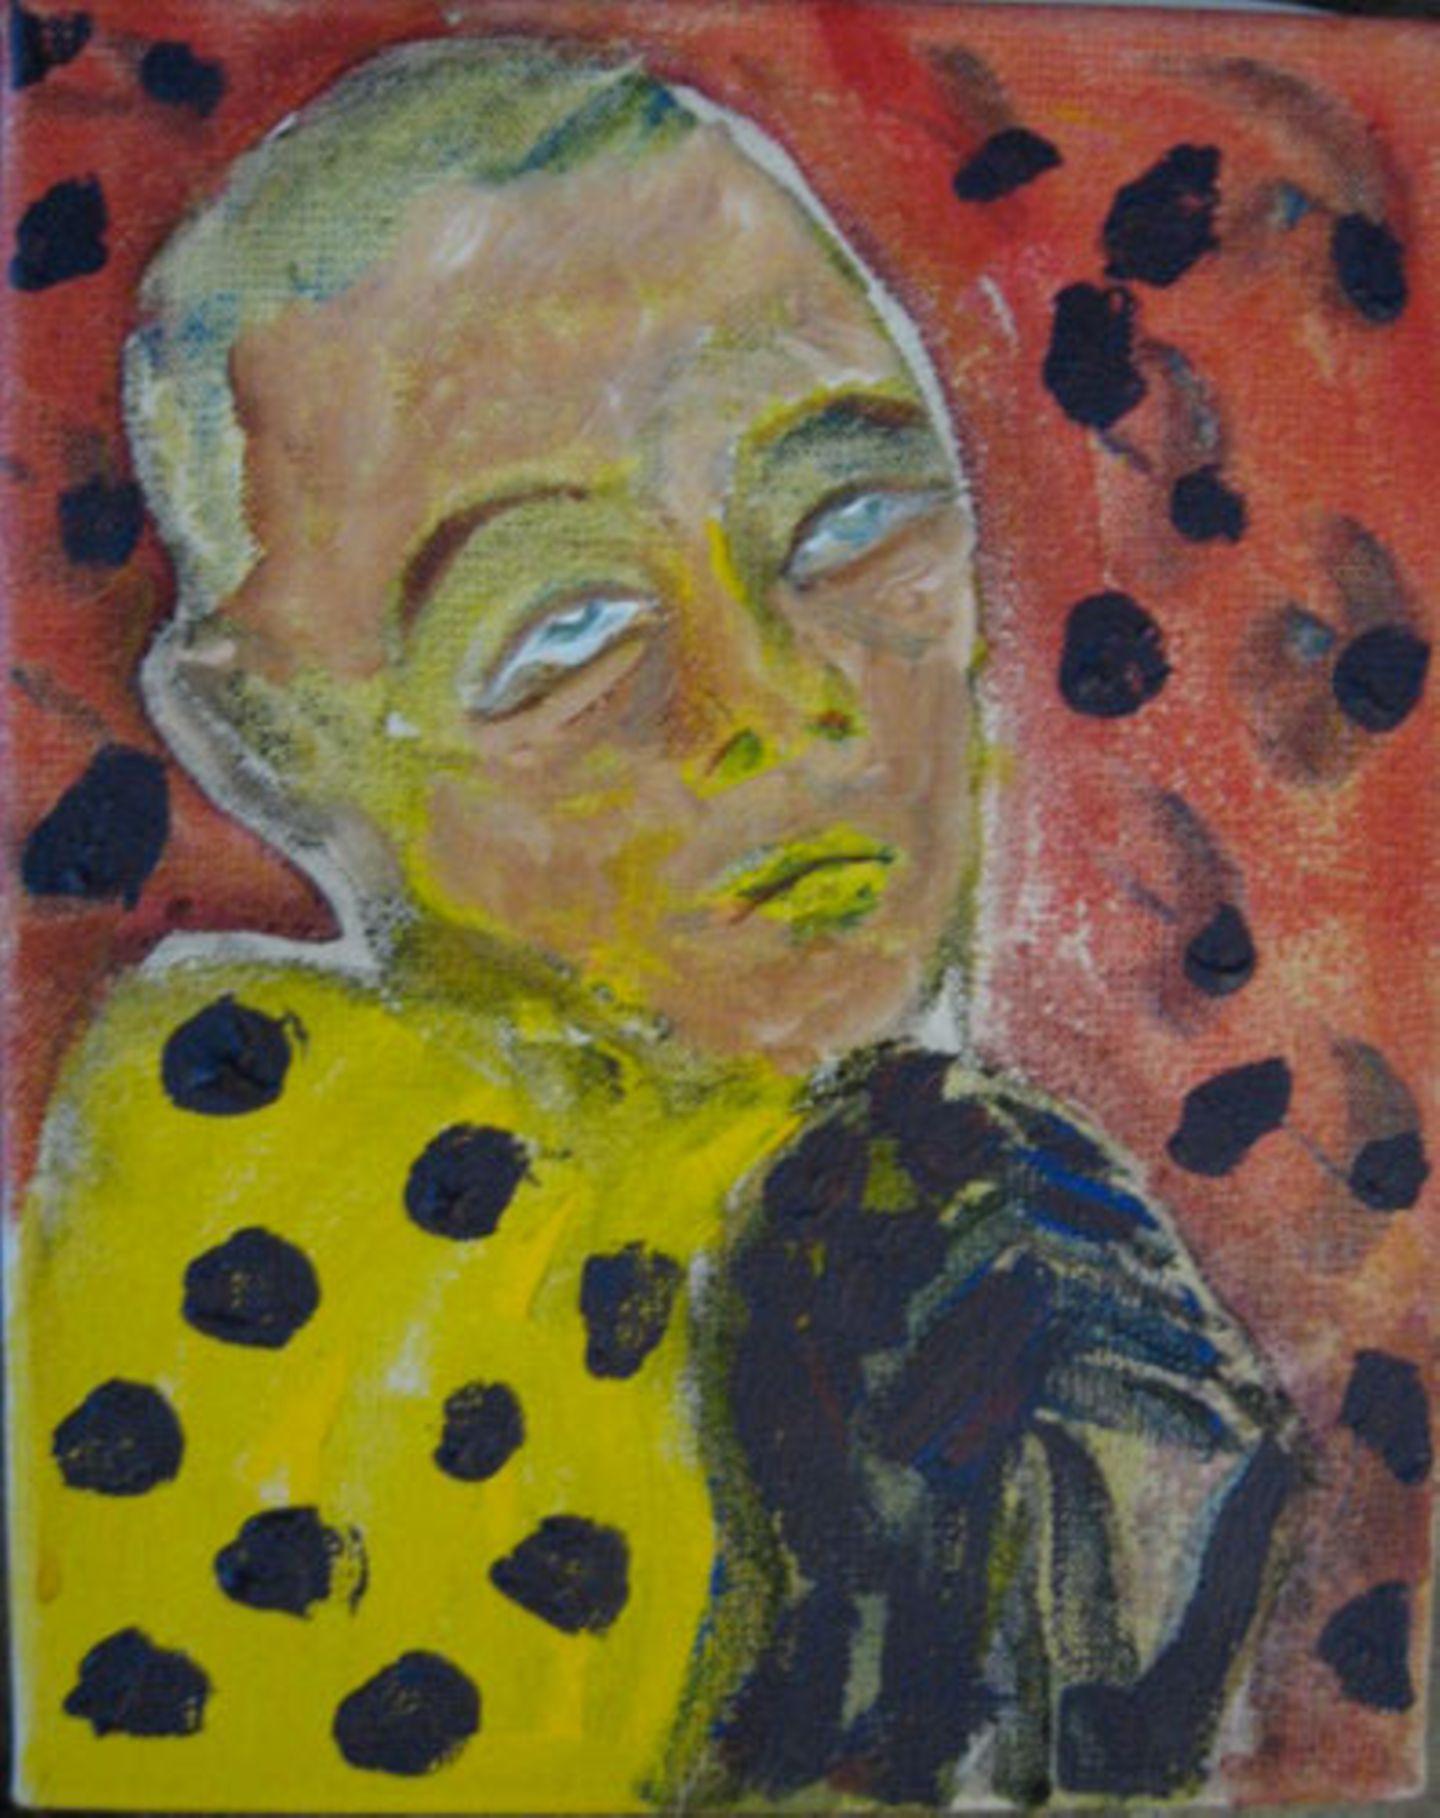 'Mona in Berlin', 1977 Acryl auf Leinwand, David Bowie